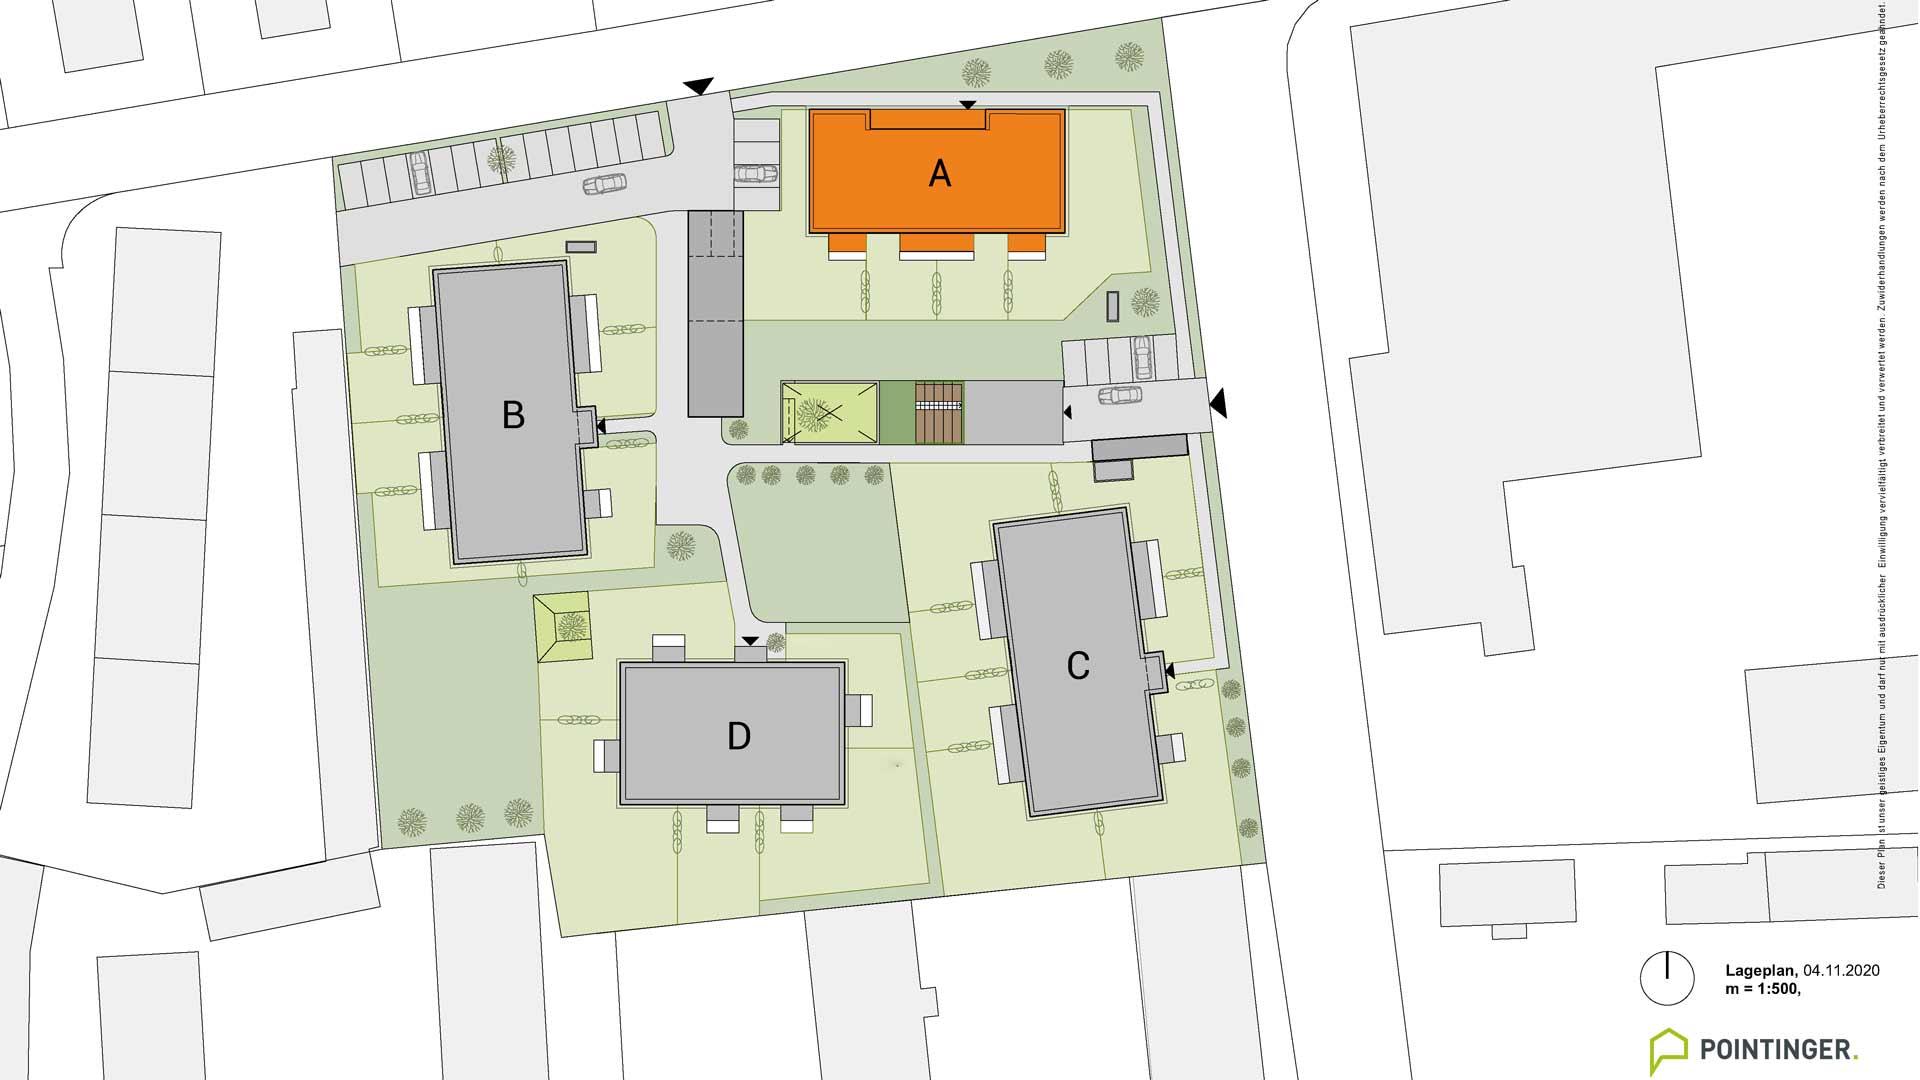 Projekt Villach Lageplan Bauteil A orange markiert